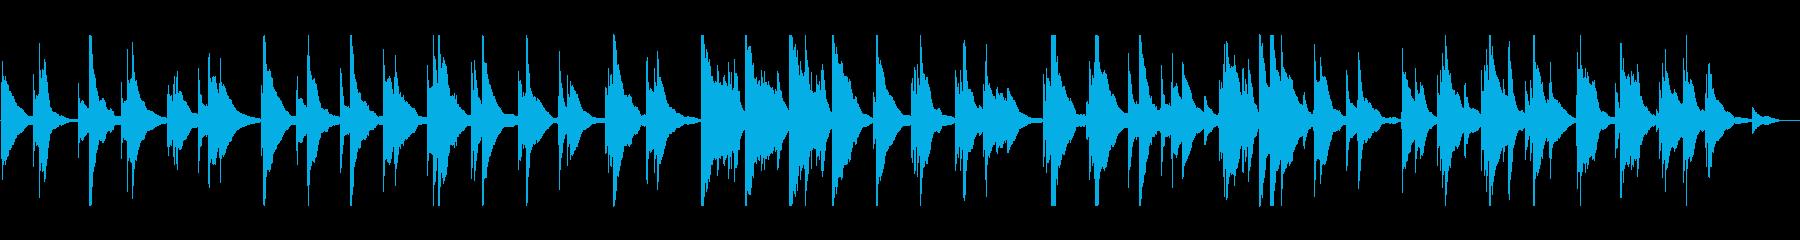 静けさの中に鳴り響くお琴の音の再生済みの波形